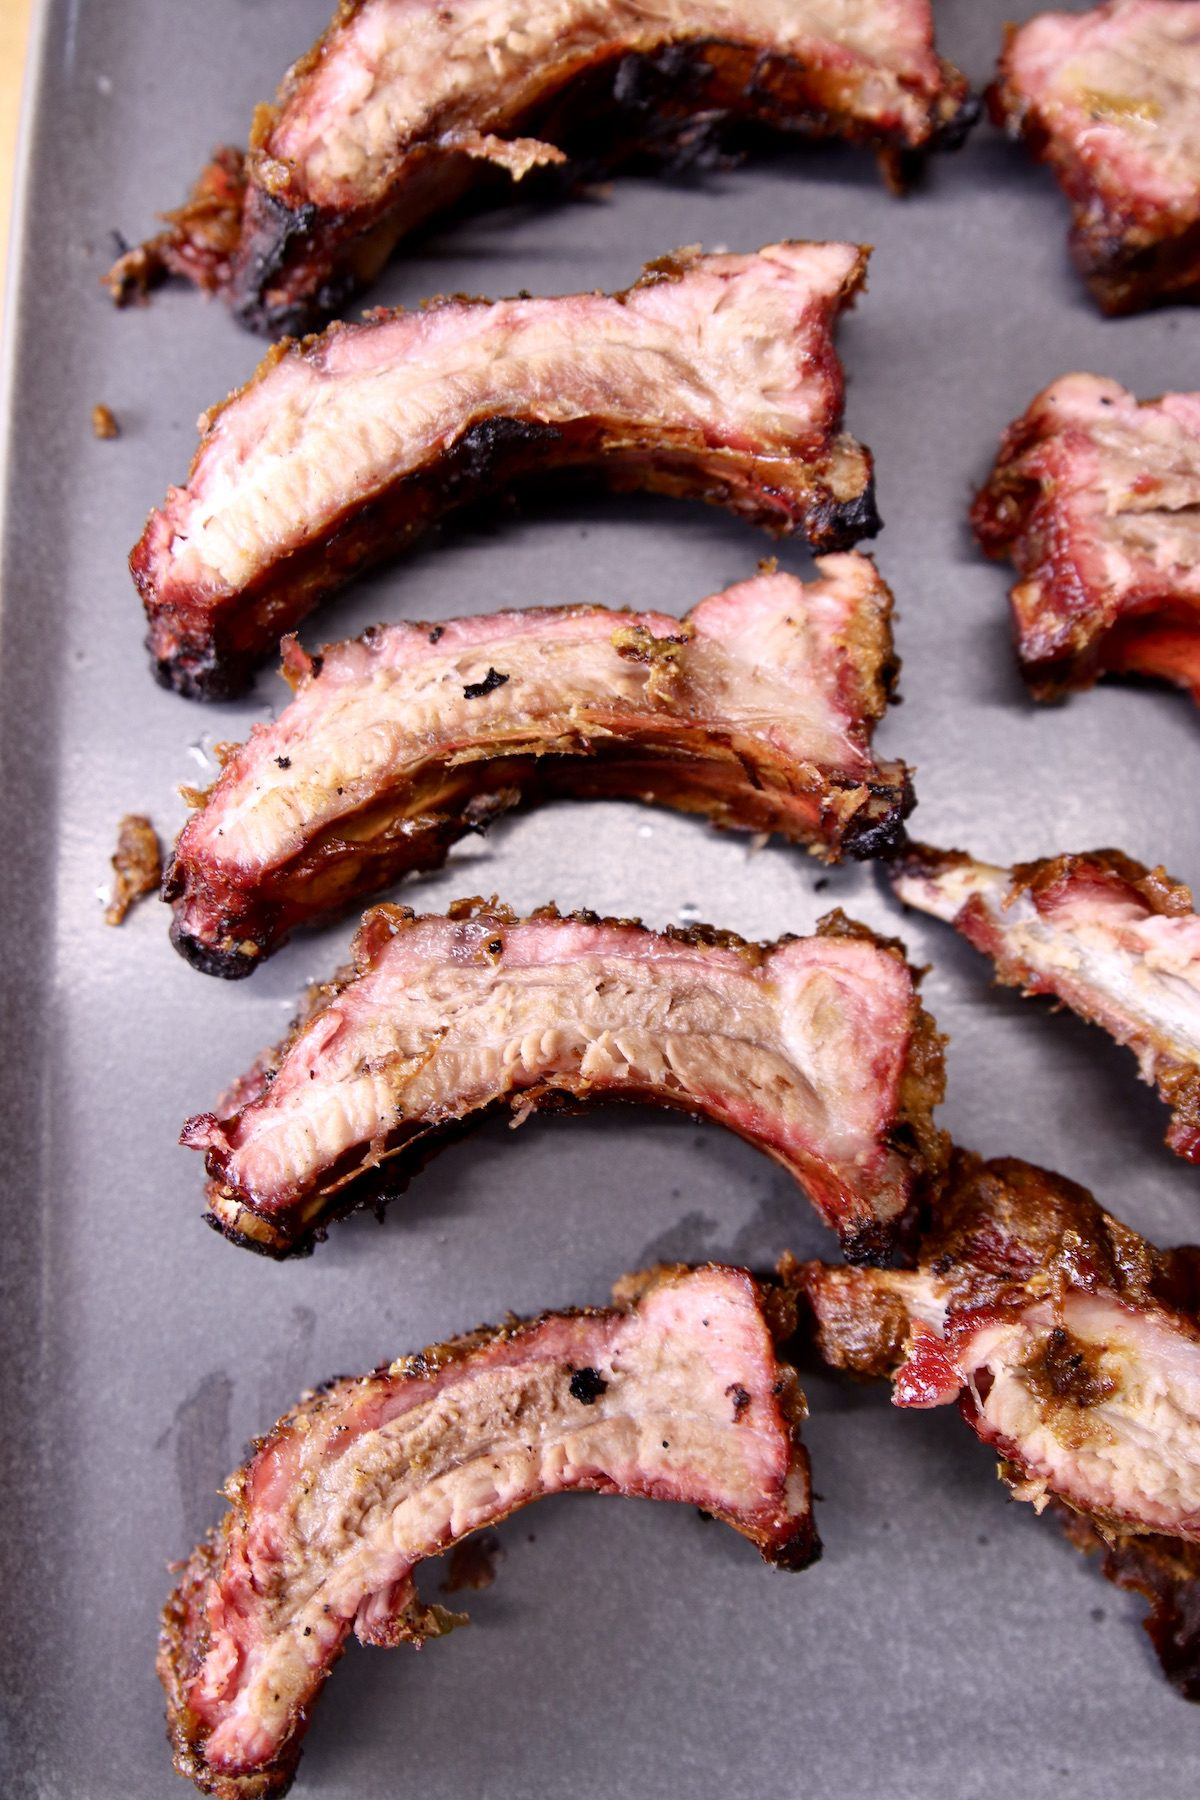 platter of sliced ribs